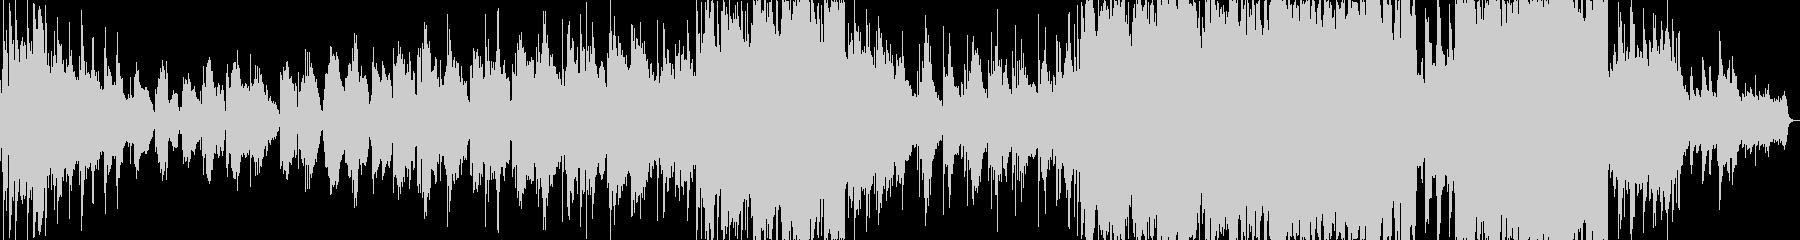 悲しい雰囲気のK-POP風バラードの未再生の波形